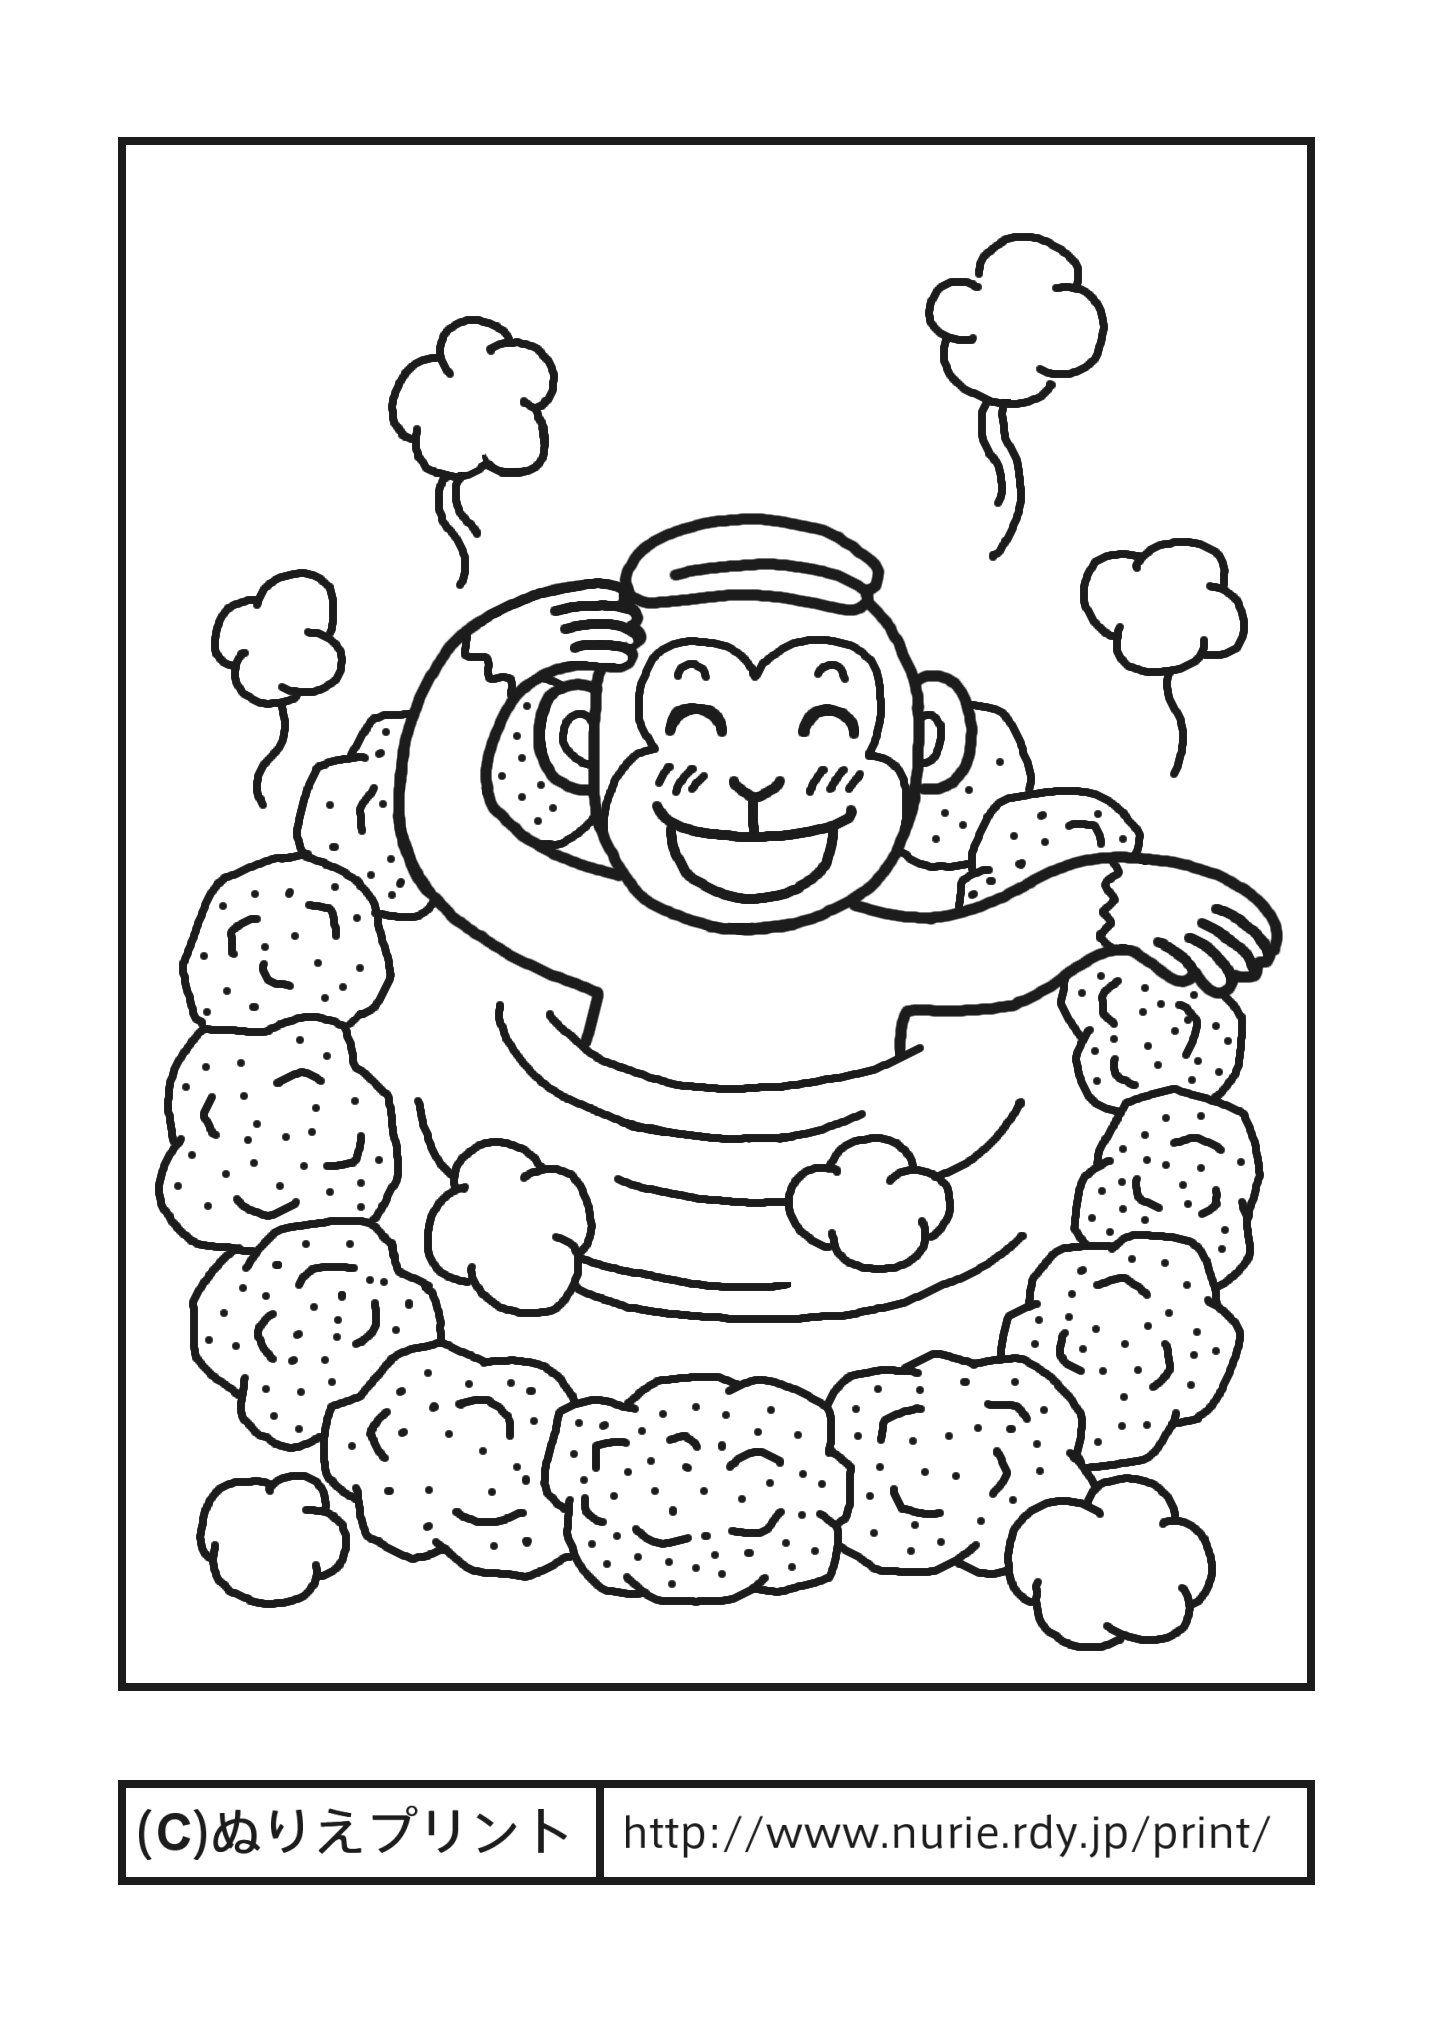 猿2(主線・黒)/動物/大人の塗り絵【ぬりえプリント】 | coloring